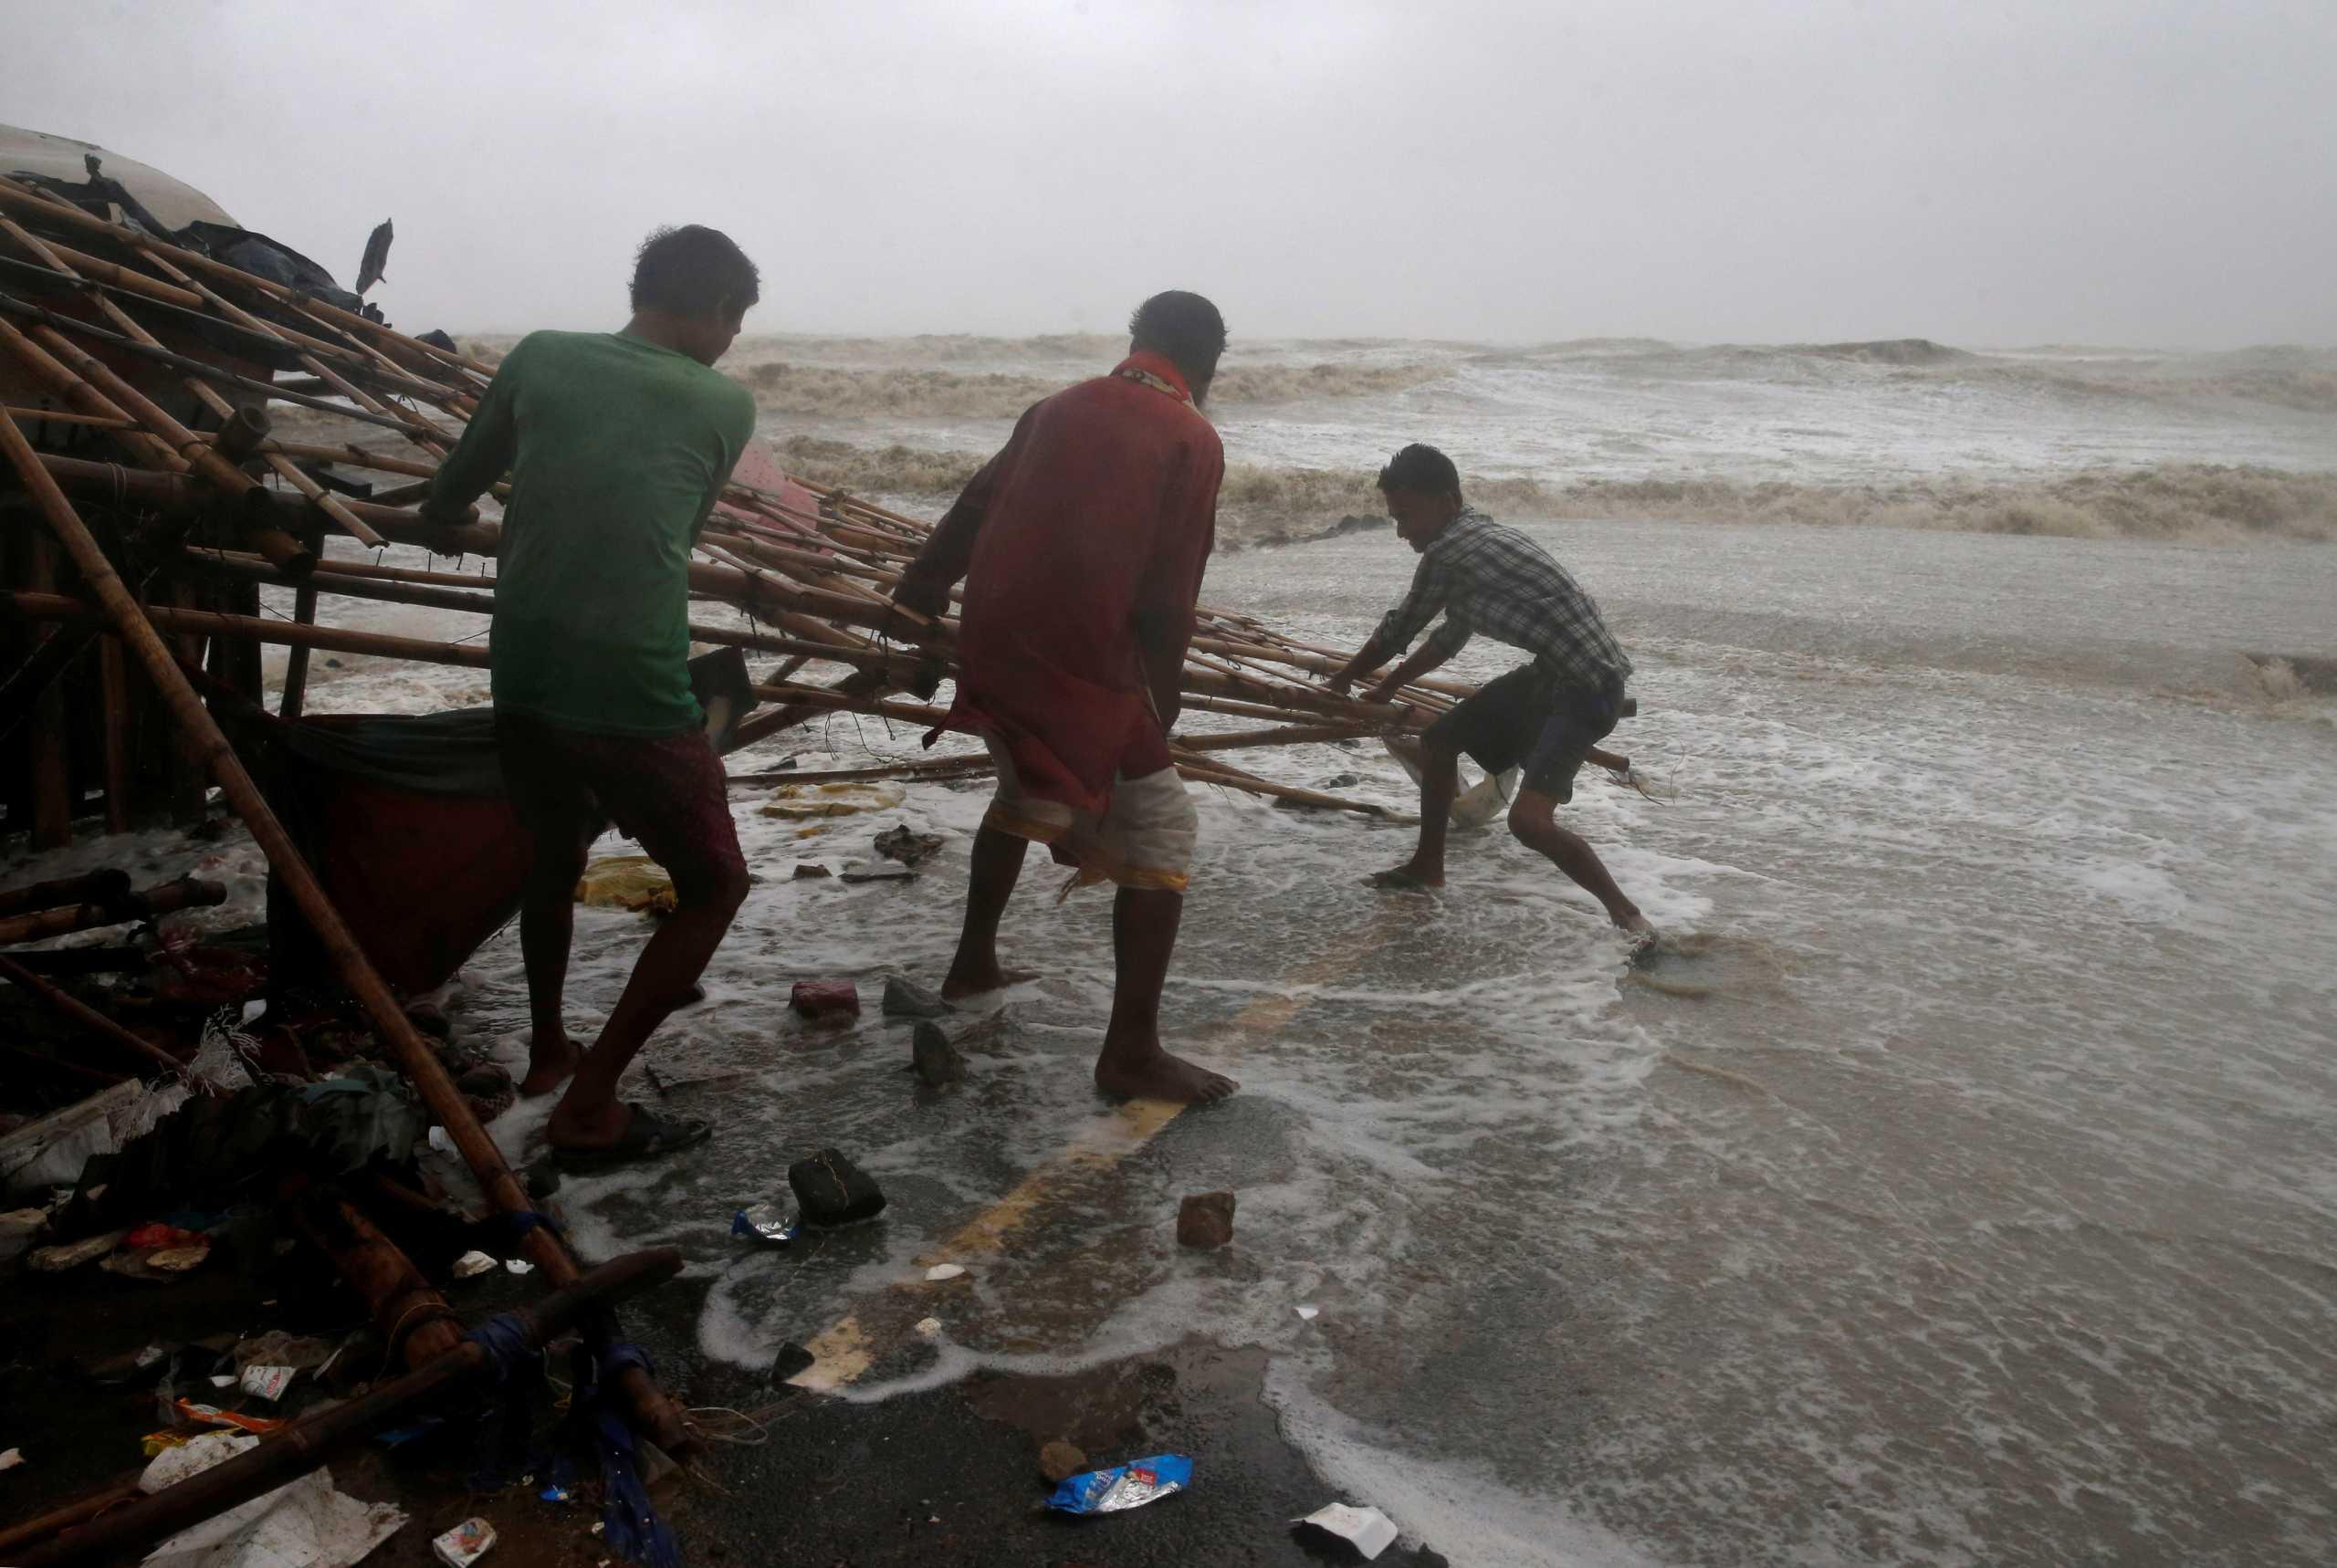 Κυκλώνας «σαρώνει» την ανατολική Ινδία – Πάνω από 1 εκατ. άνθρωποι εγκατέλειψαν τα σπίτια τους (pics, vids)